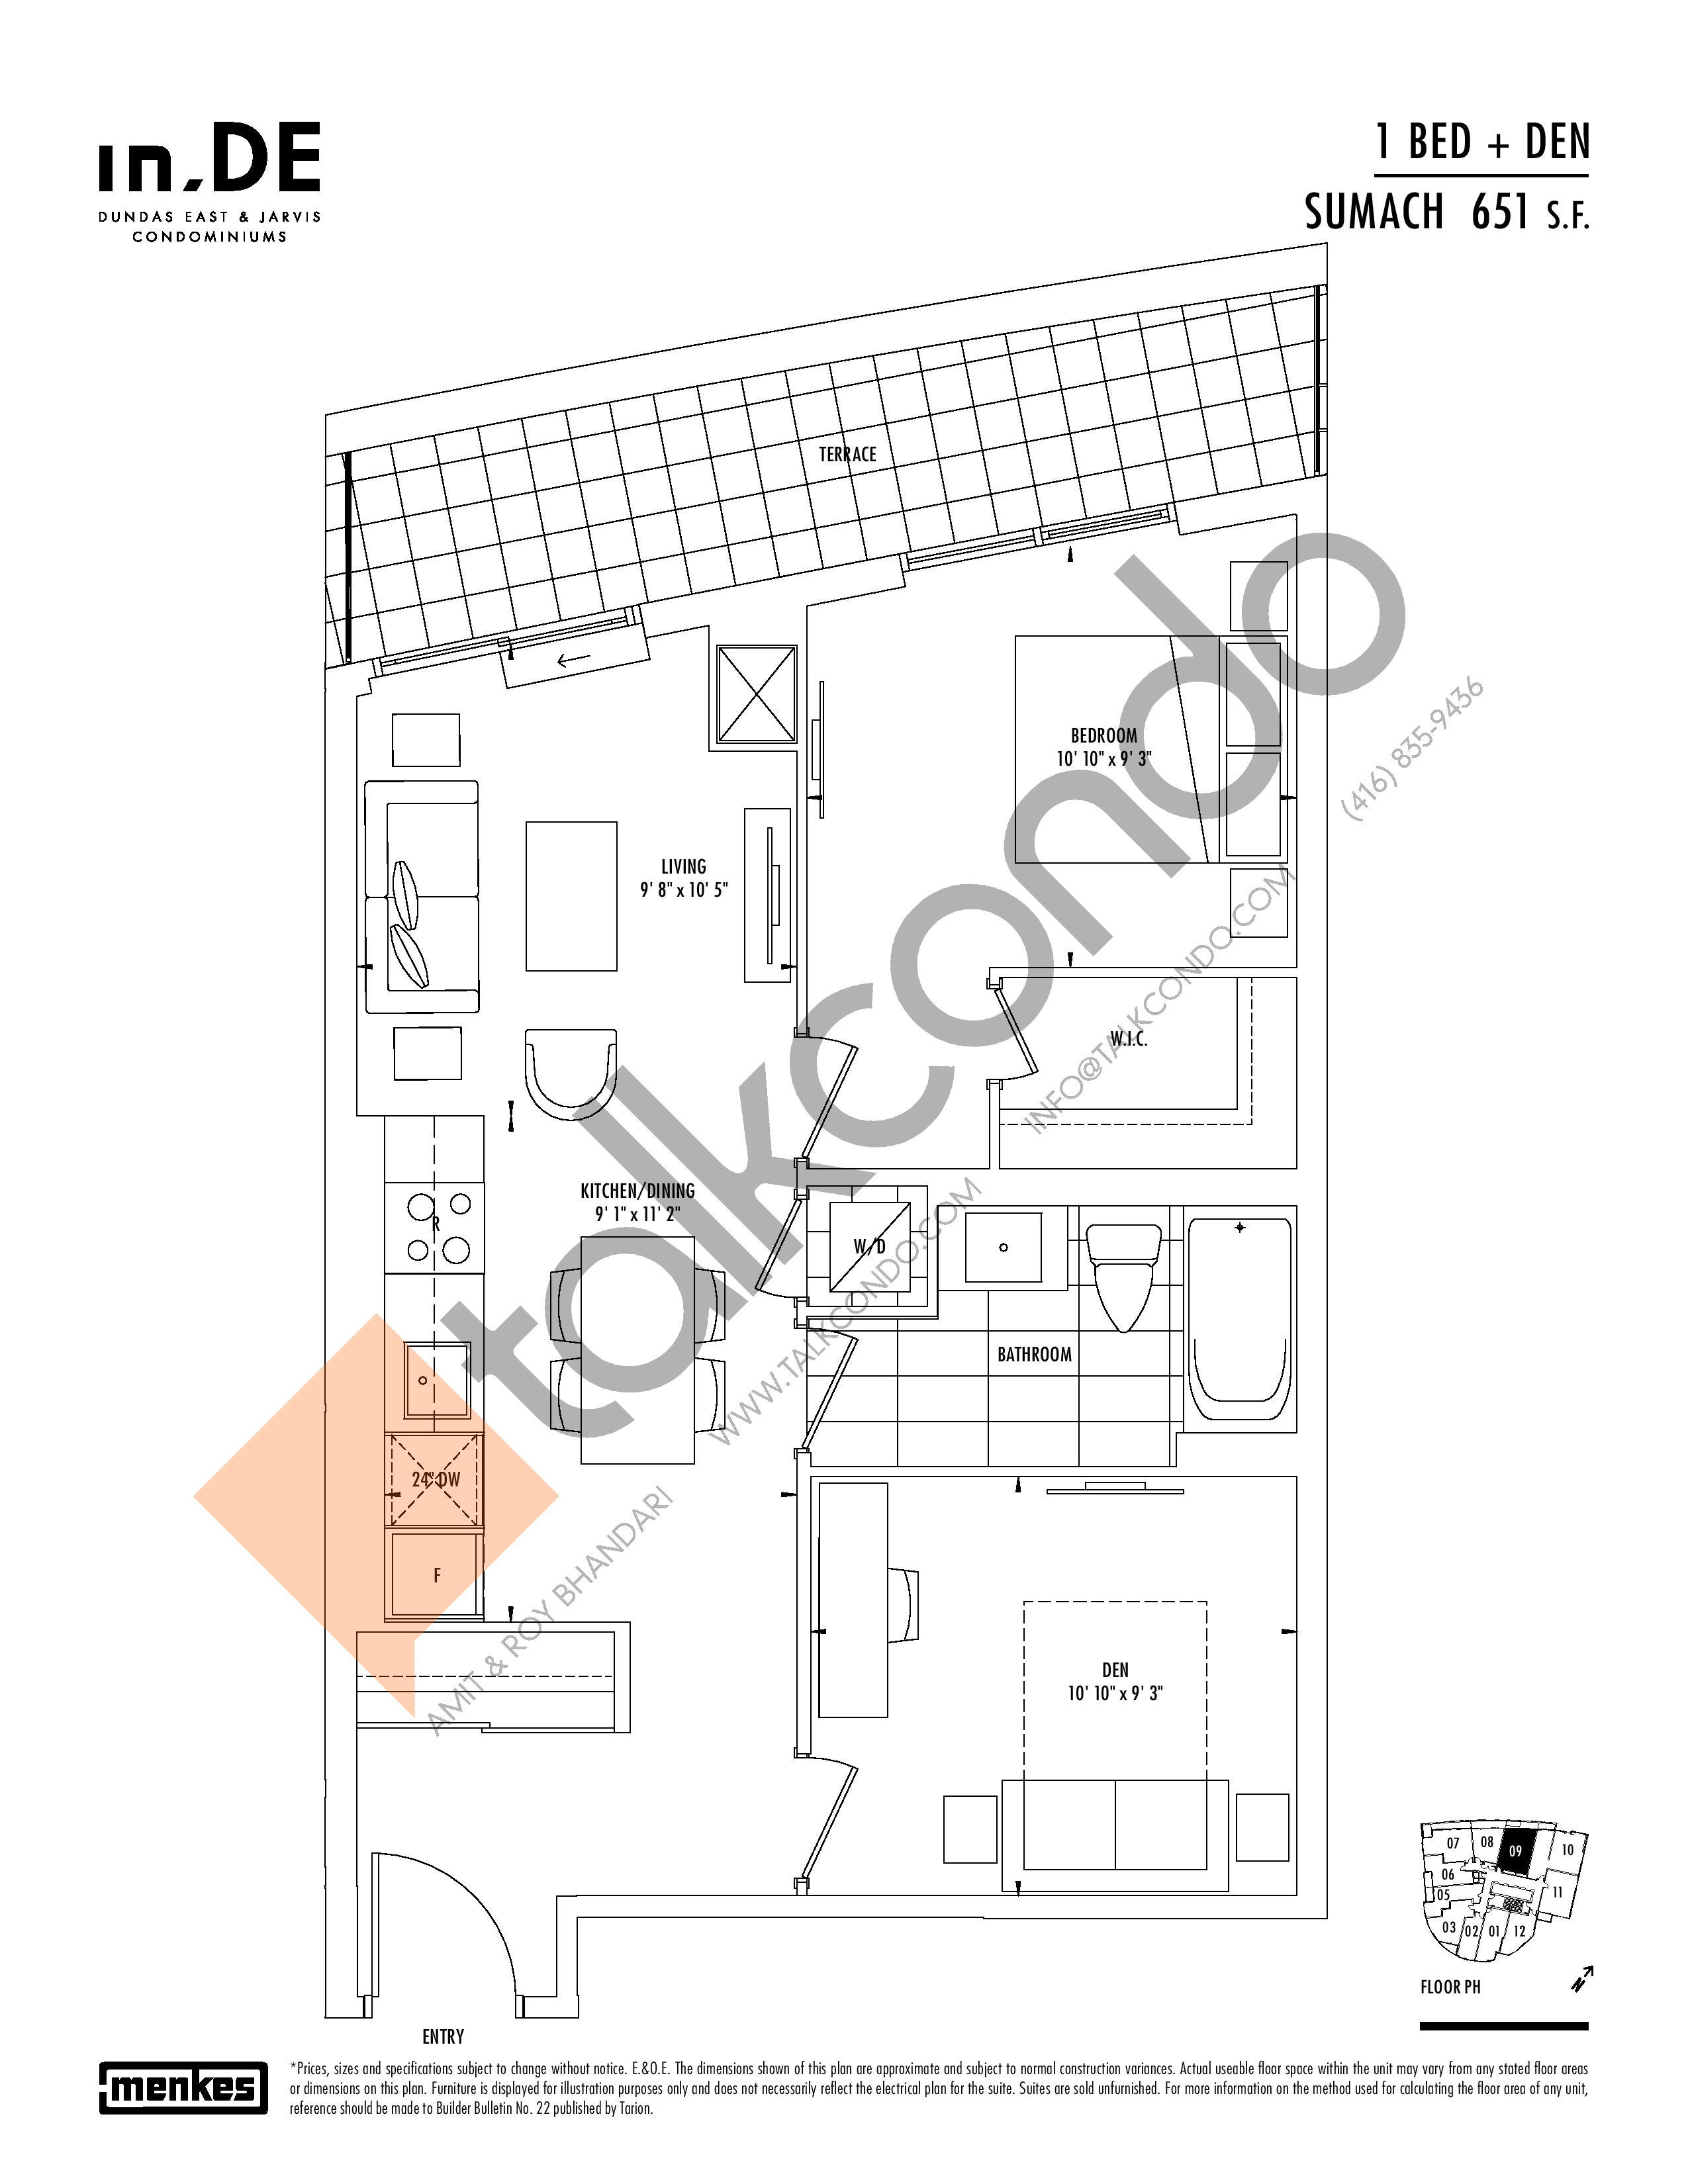 Sumach Floor Plan at in.DE Condos - 651 sq.ft